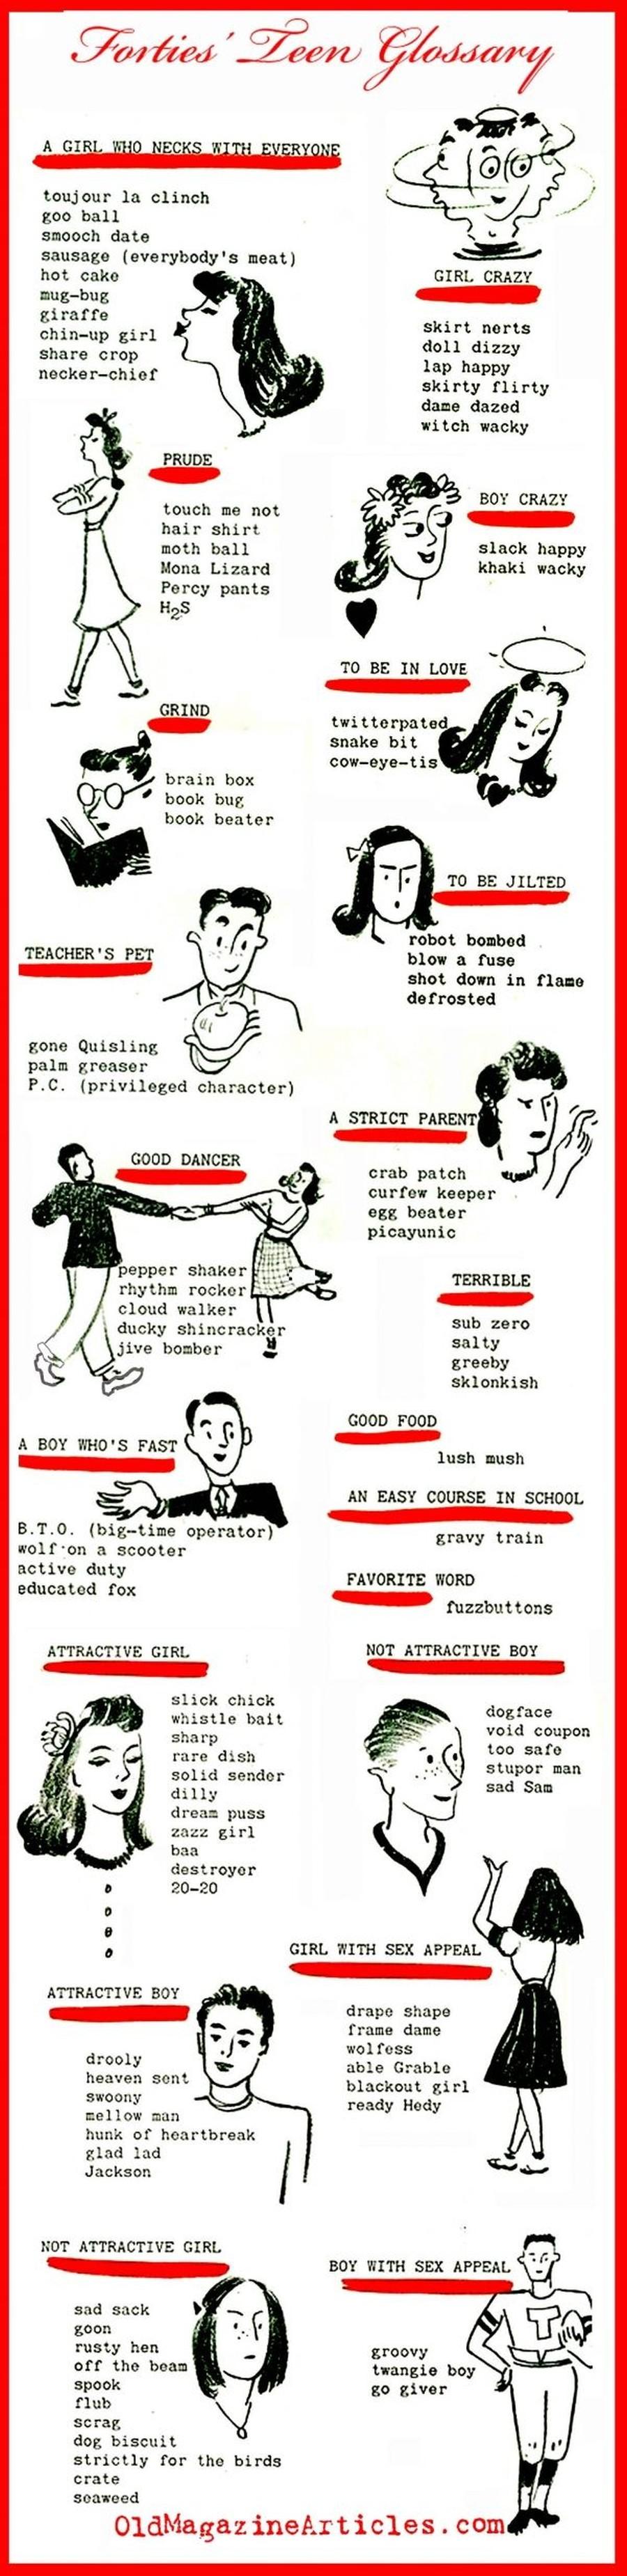 1940s Teen Slang